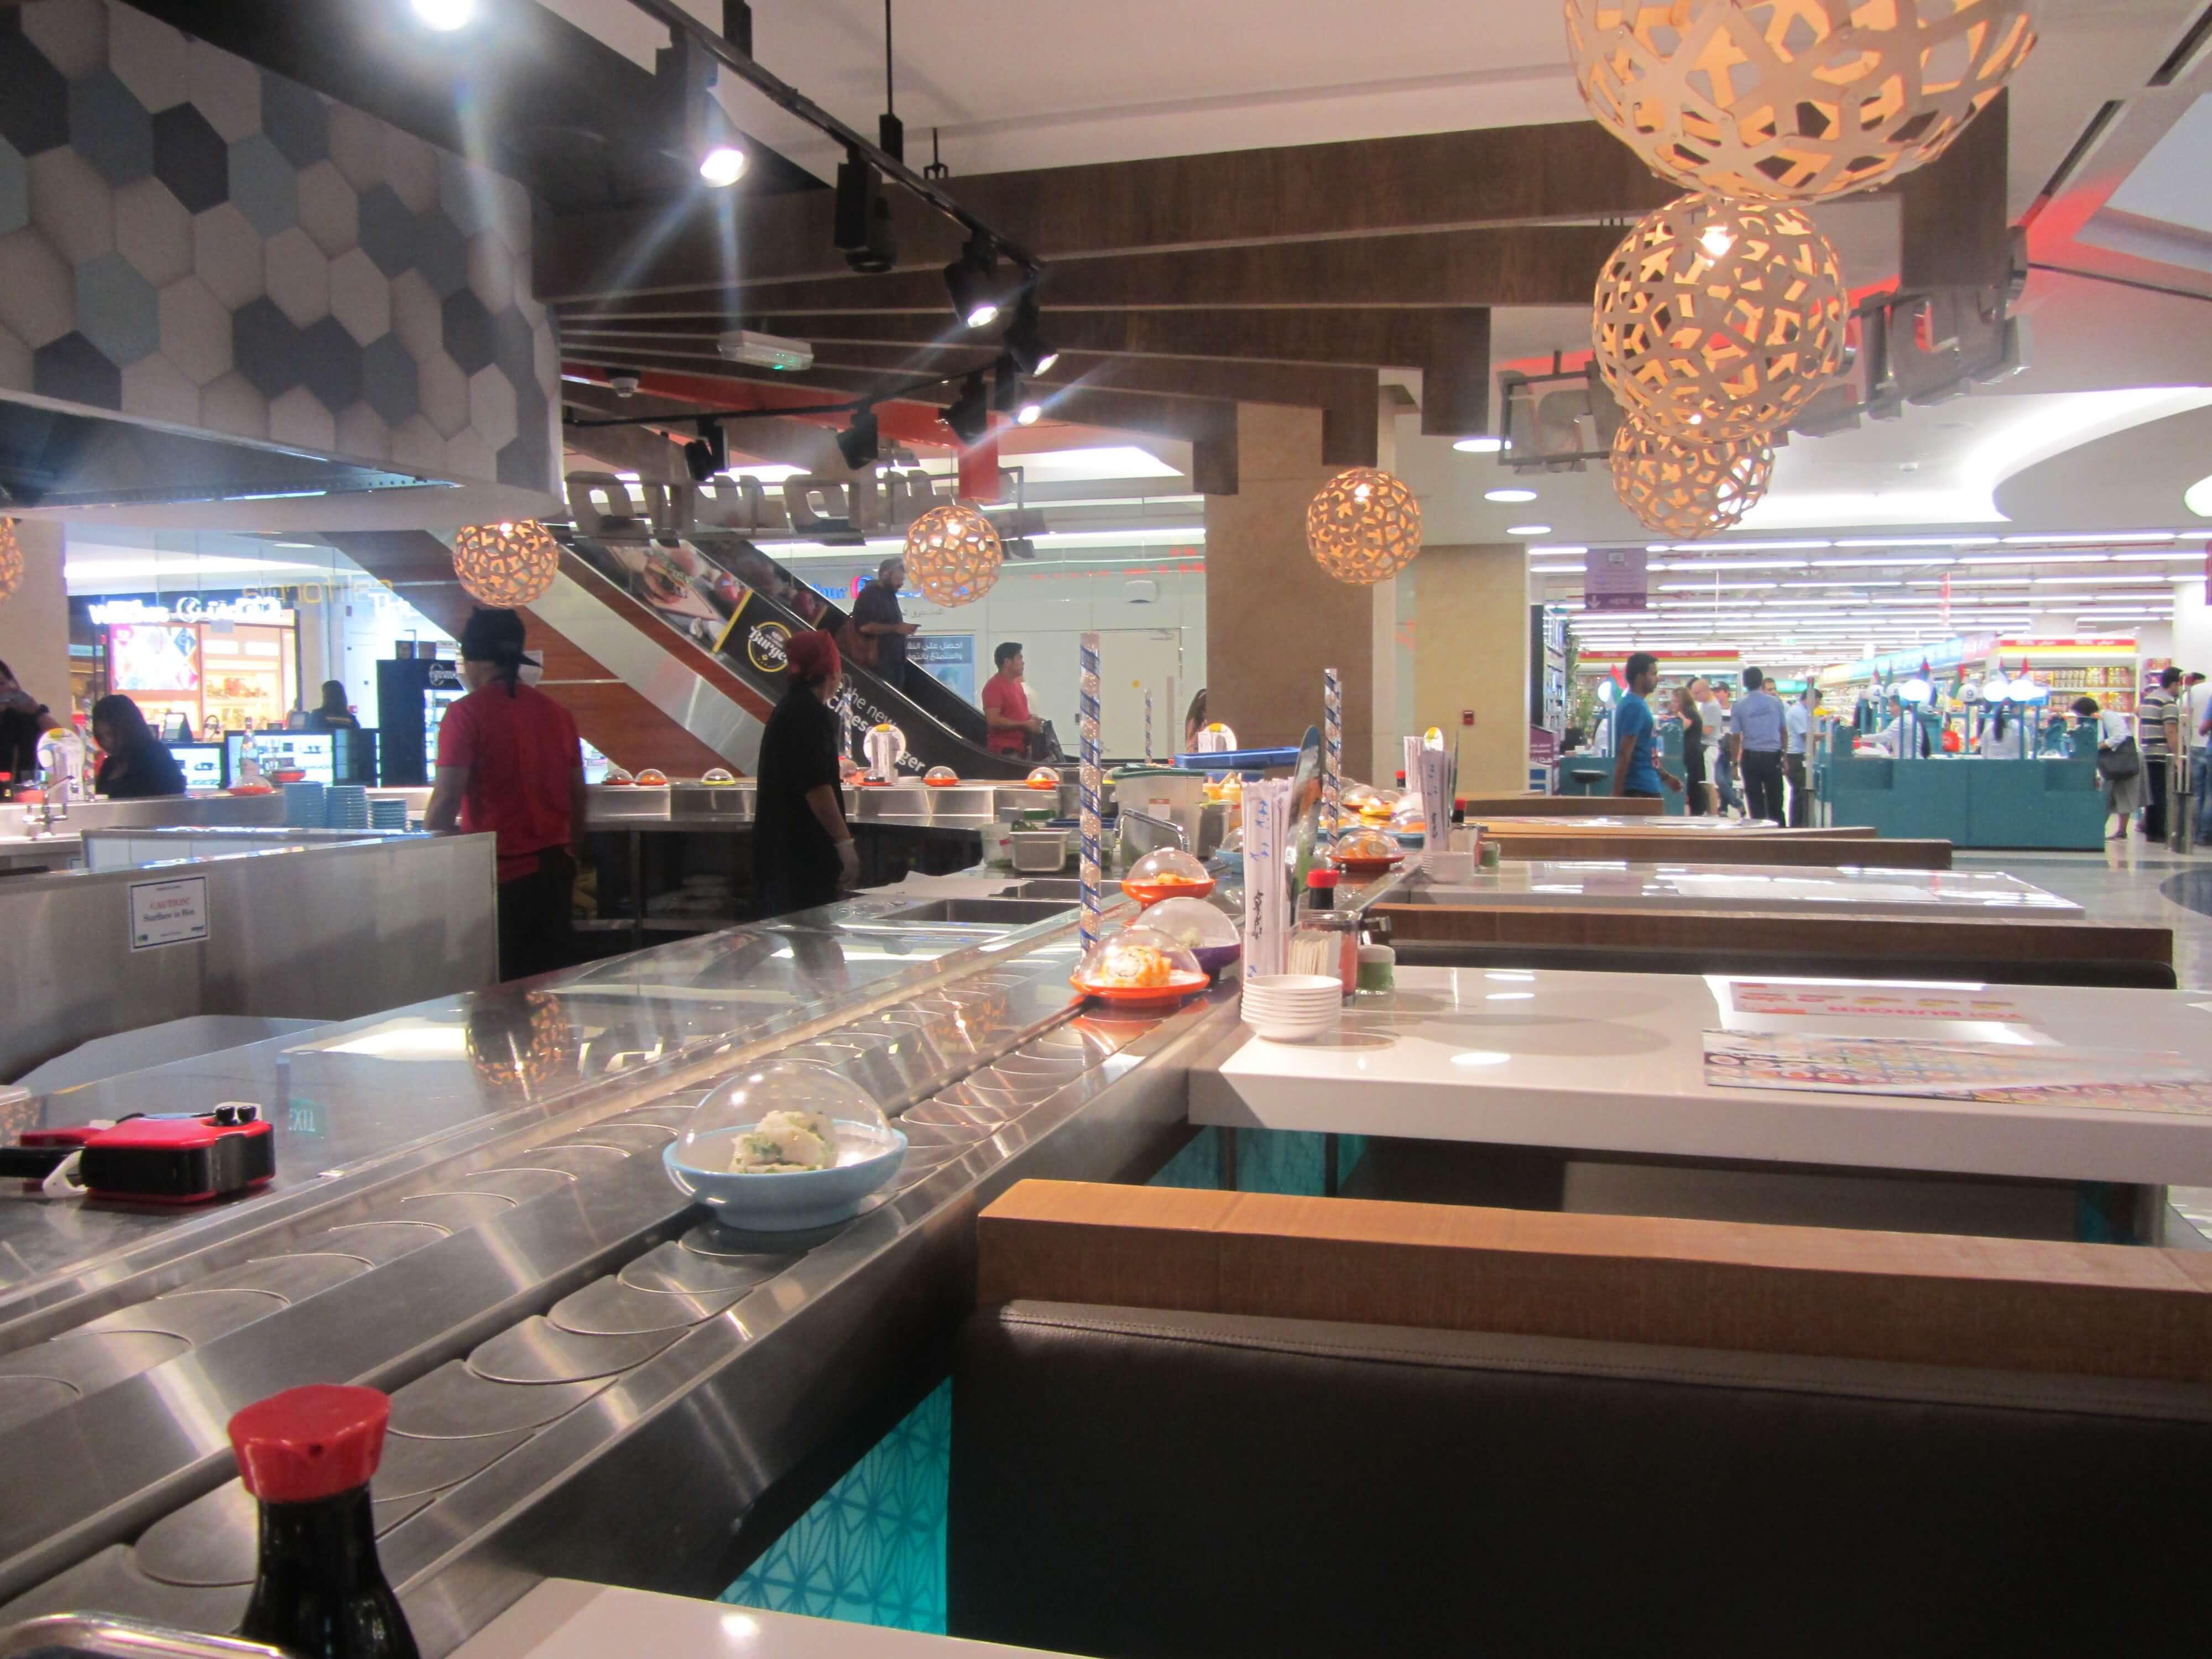 صورة شاهد بالفيديو طرق إعداد السلمون في مطعم يو سوشي دبي